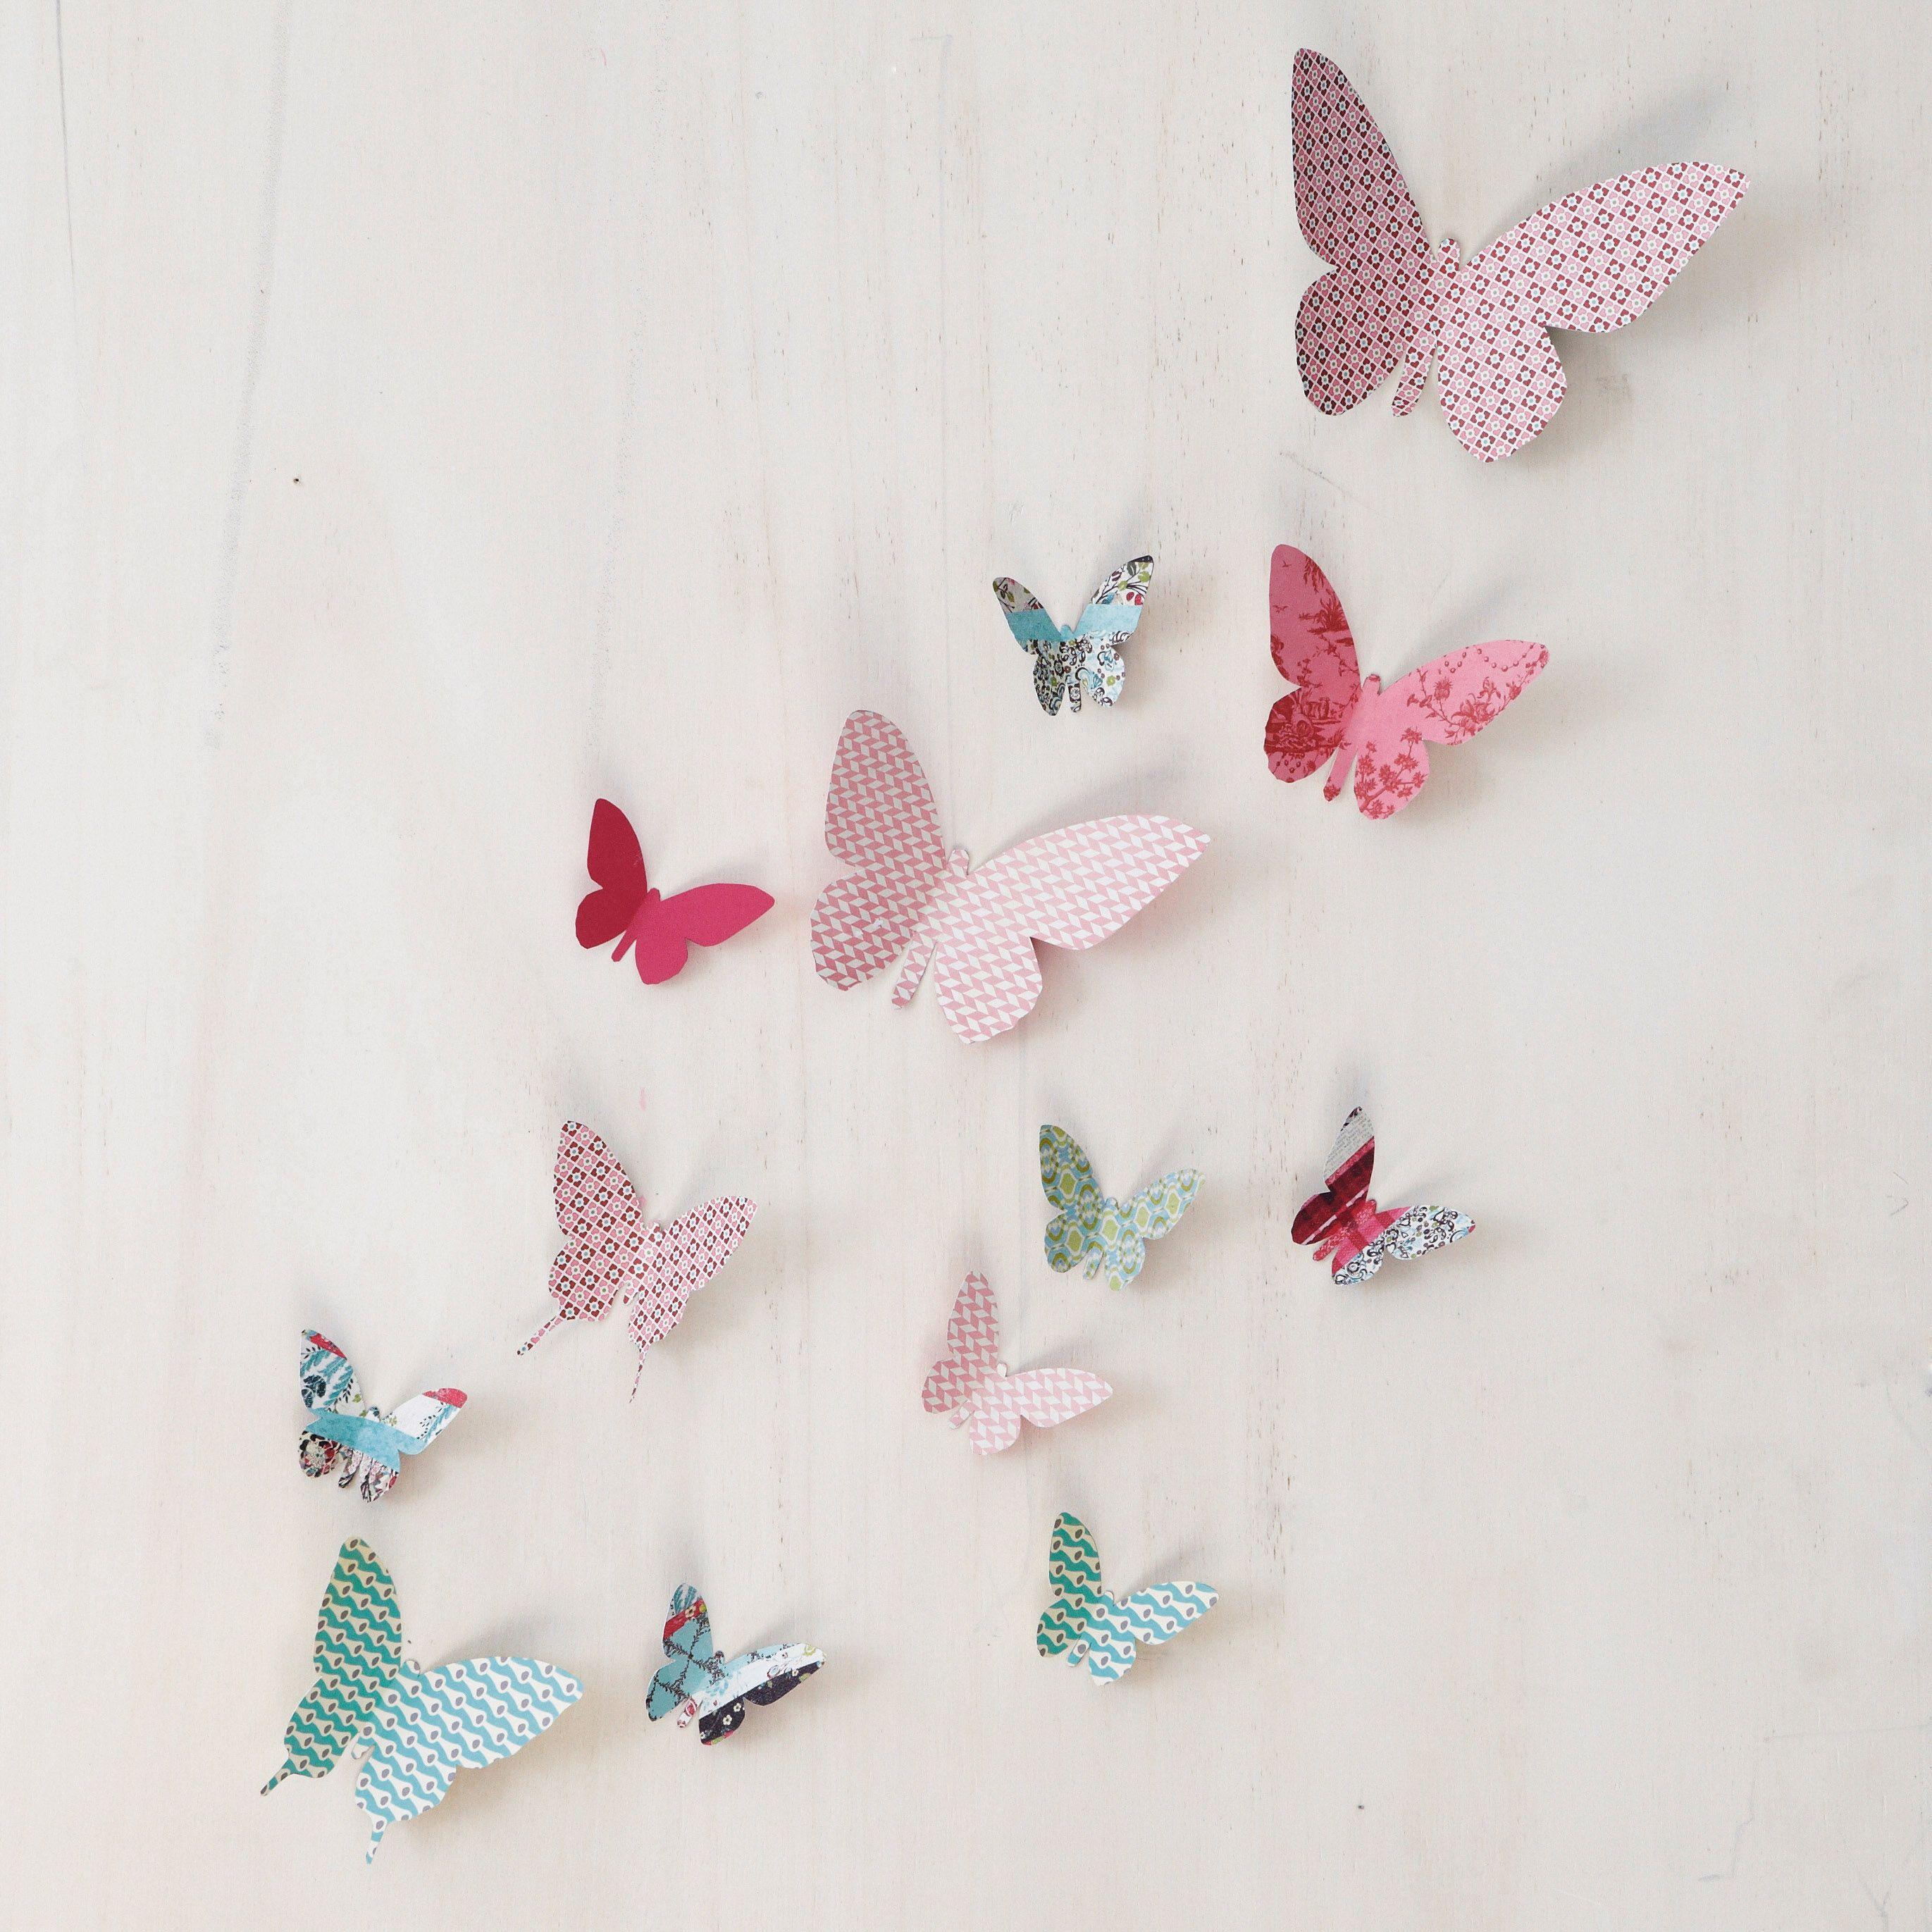 papillons en papier, libelules aussi, fleurs,  Papillon en papier